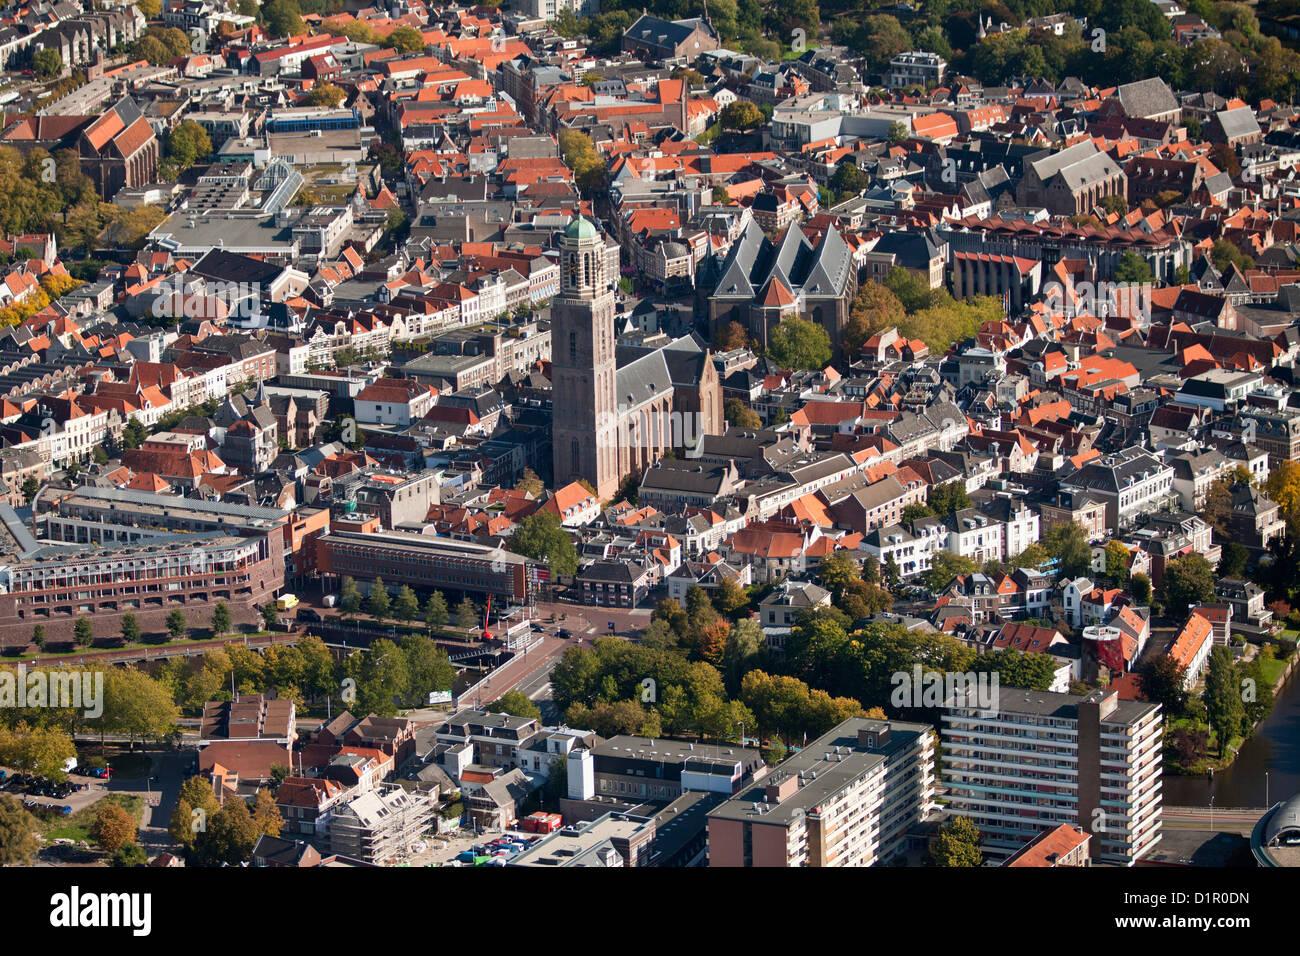 Den Niederlanden, Zwolle, Stadtzentrum entfernt. Luft. Stockbild